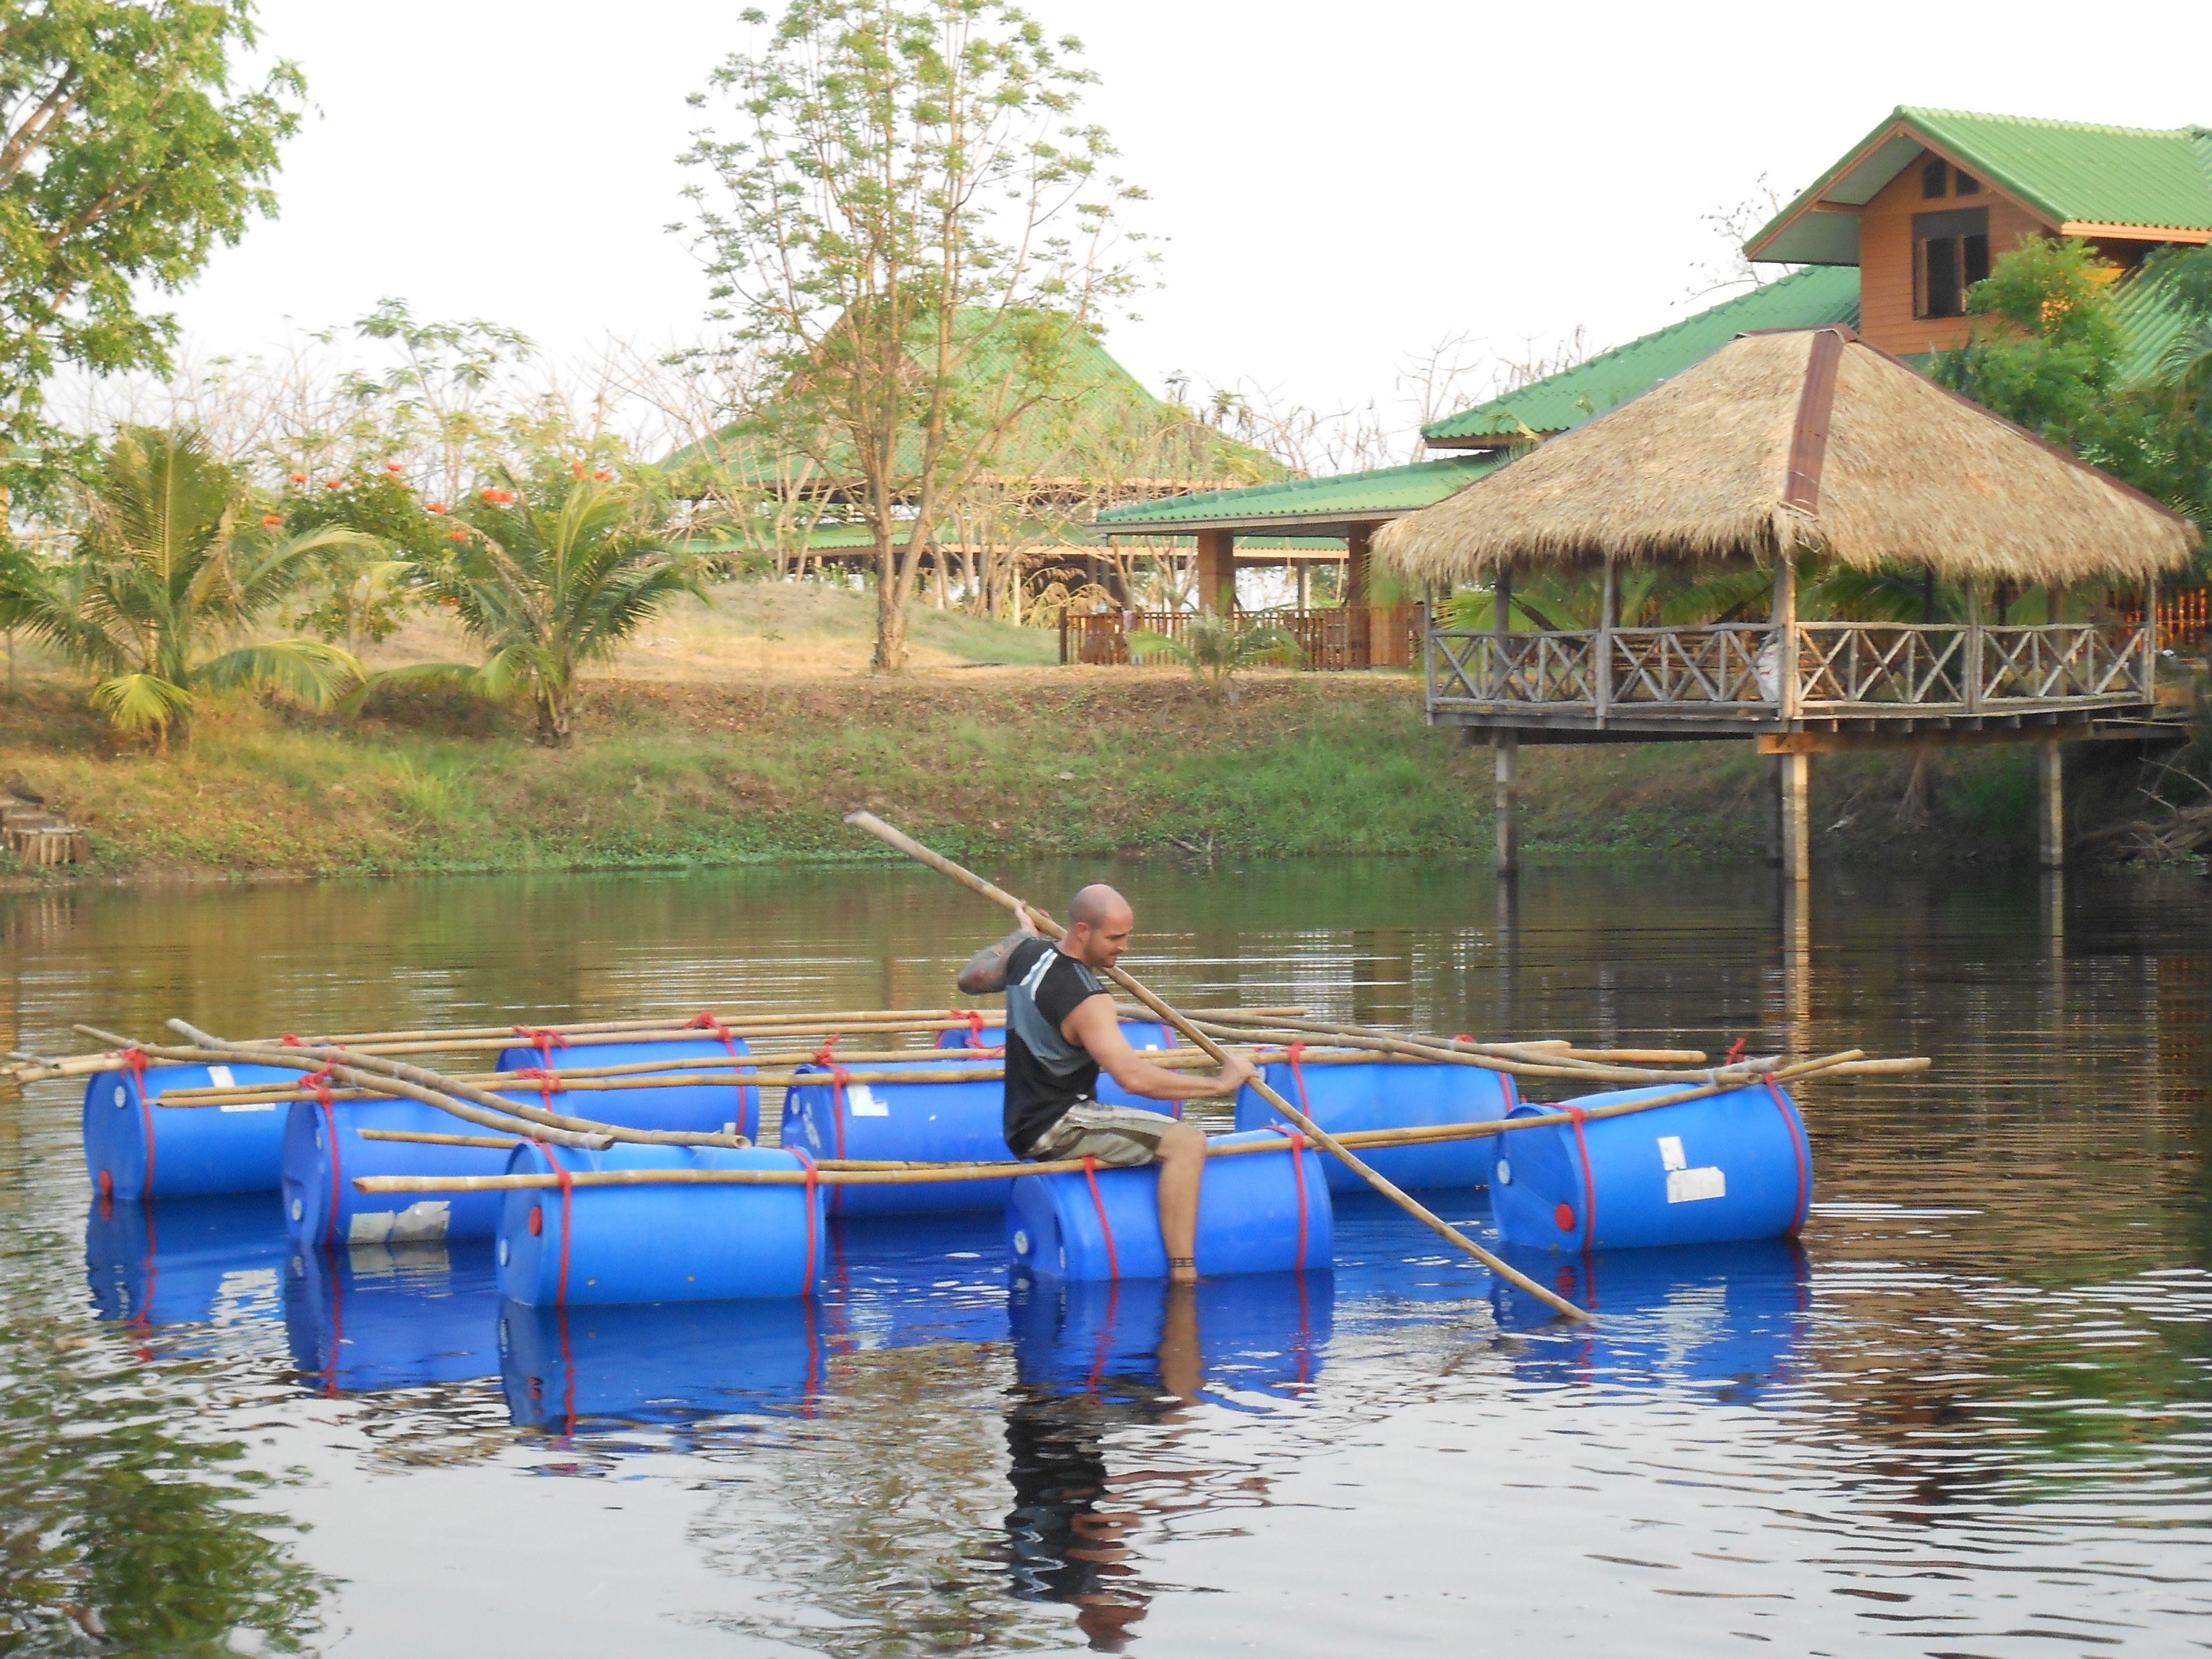 Permaponics an introduction to aquaculture and aquaponics for Aquaponics pond